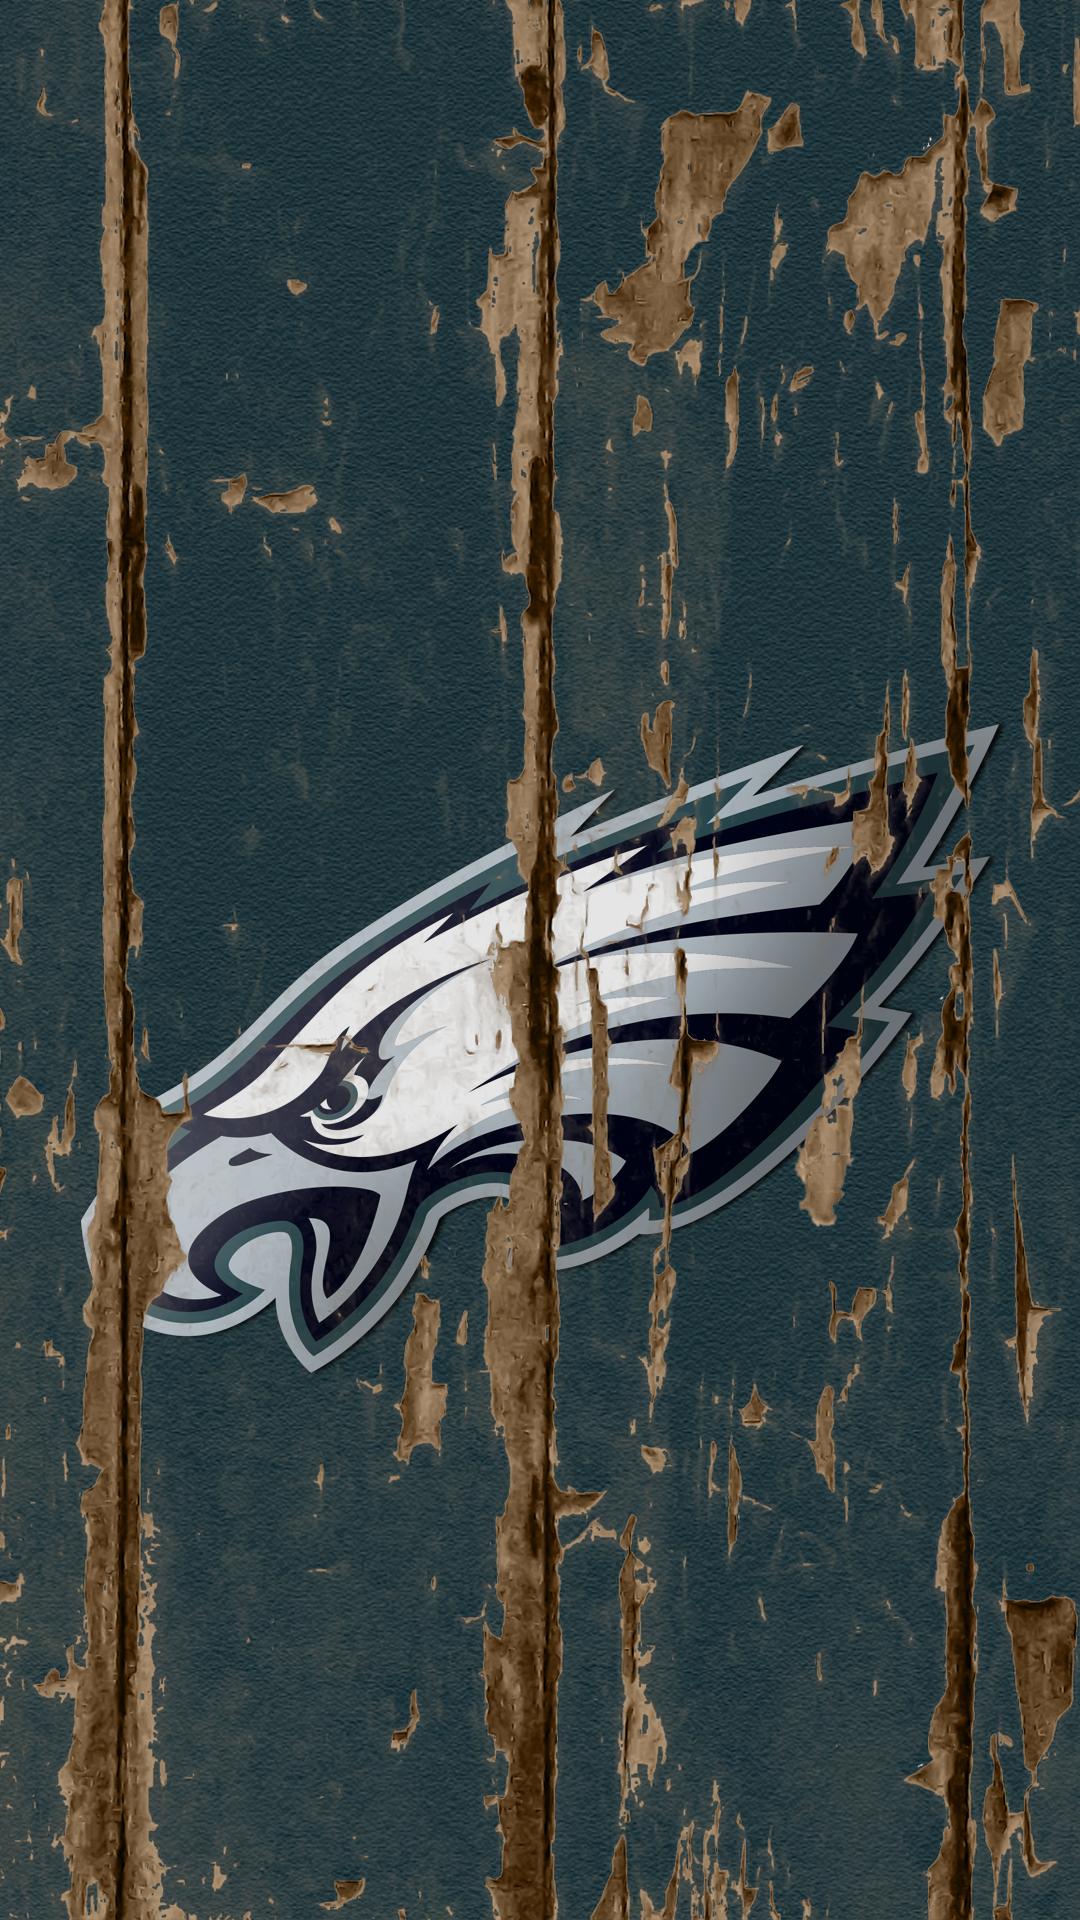 Philadelphia Eagles Schedule Wallpapers Wallpaper